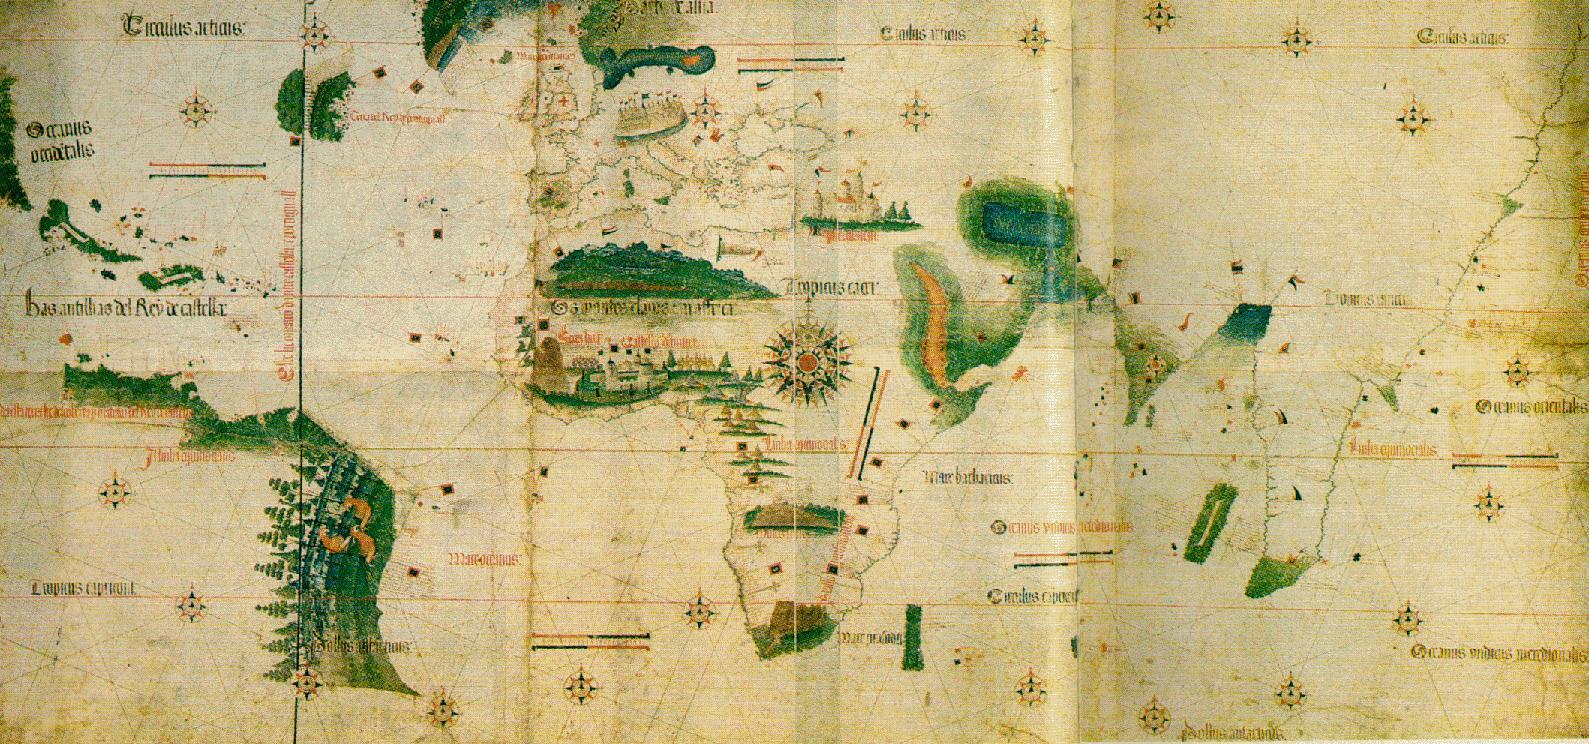 Planisfério de Cantino, de 1502.